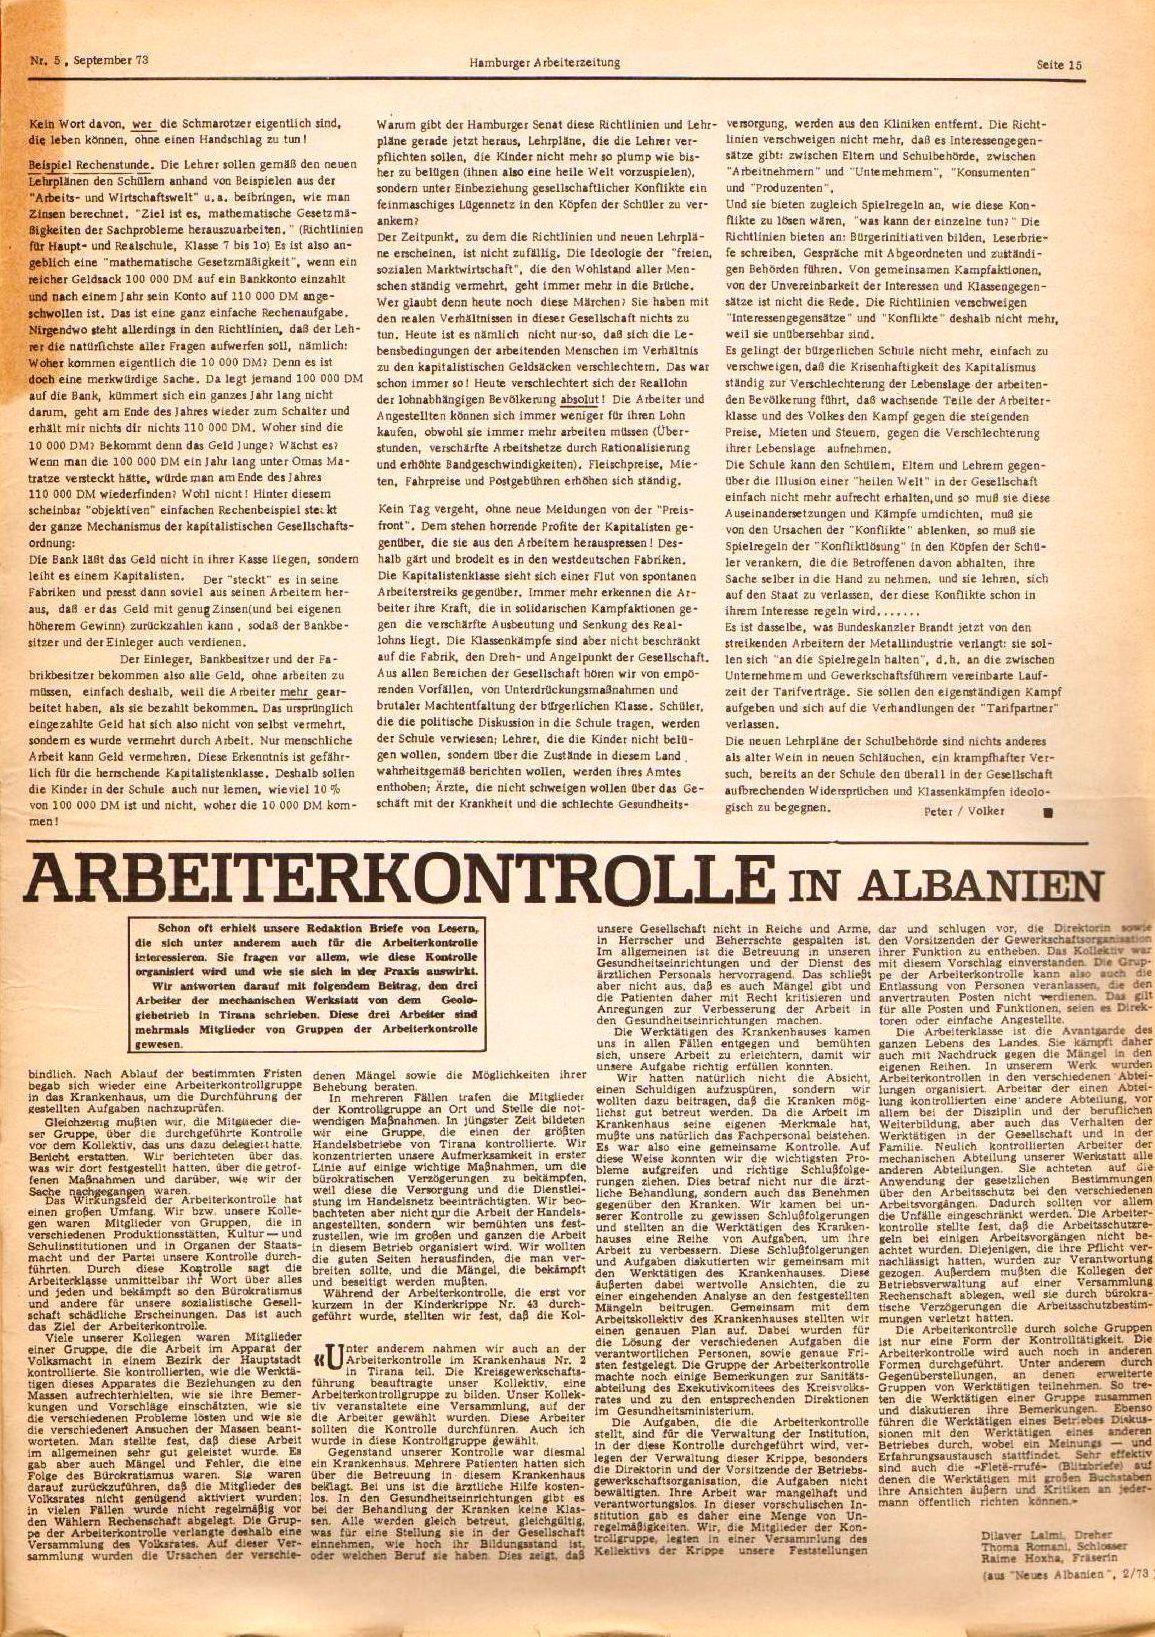 Hamburger_Arbeiterzeitung092